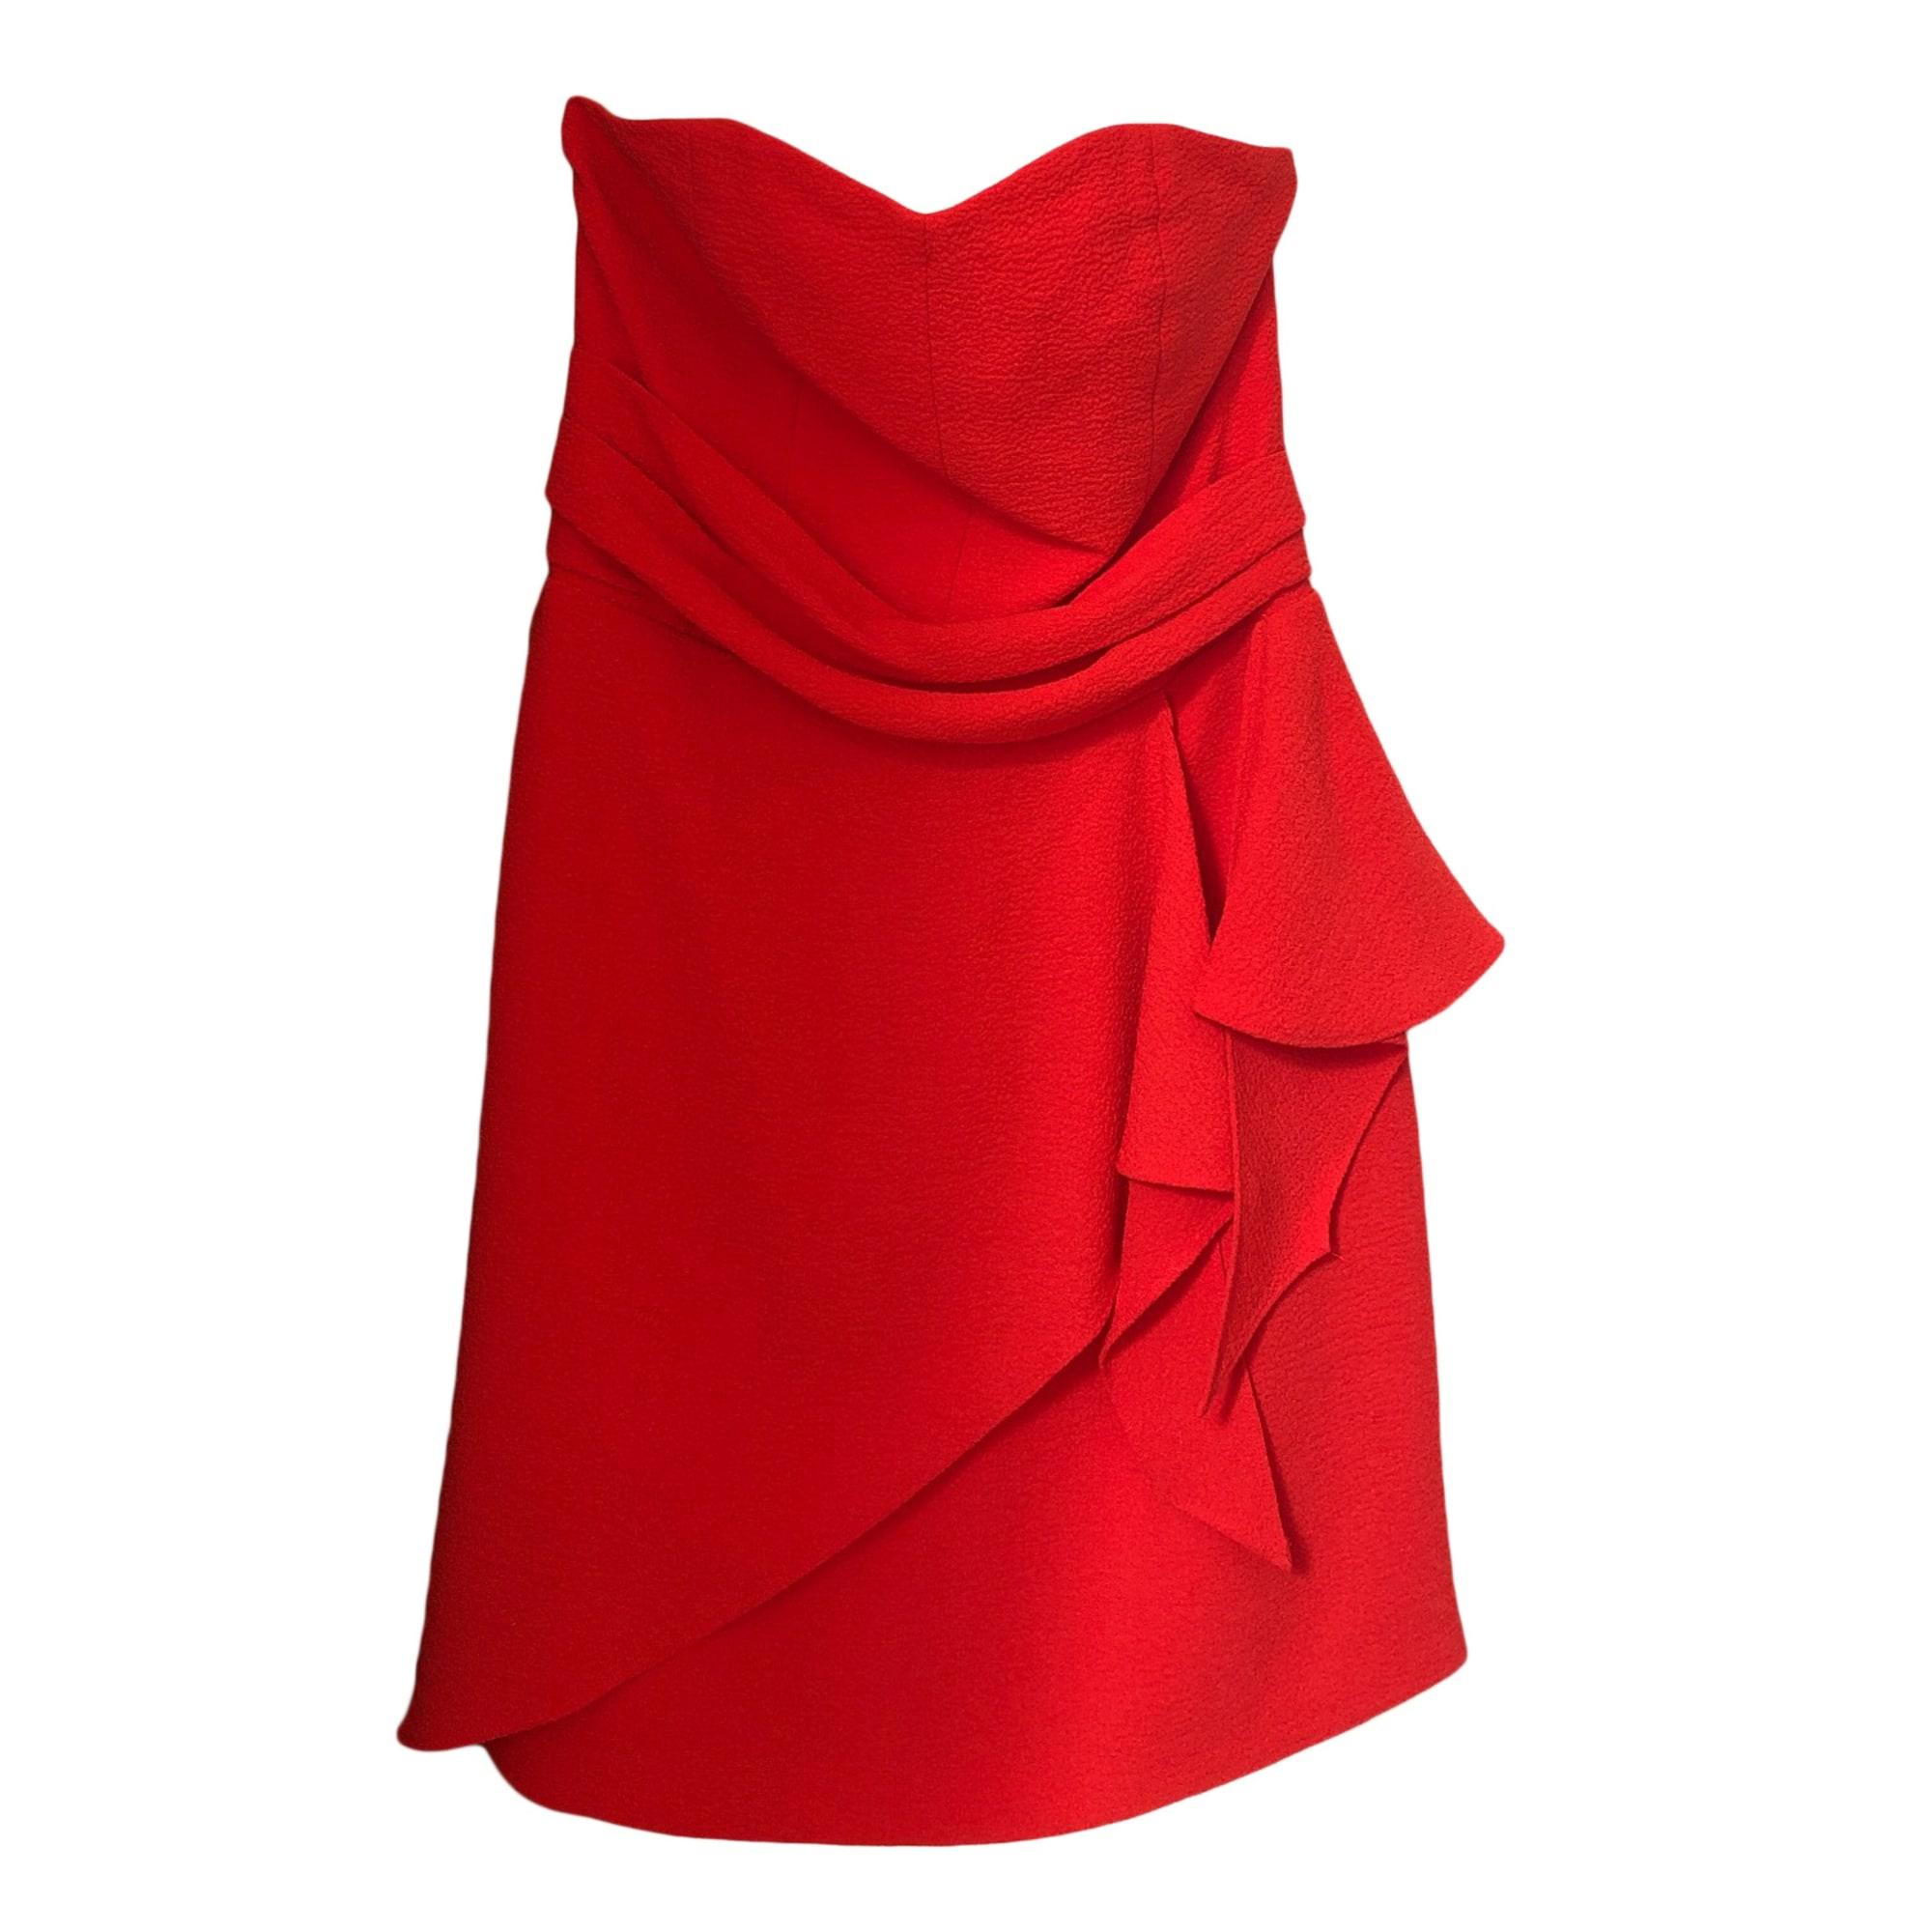 08f2494594ae4 Robe bustier SÉZANE 38 (M, T2) corail/ rouge orangé - 9183396